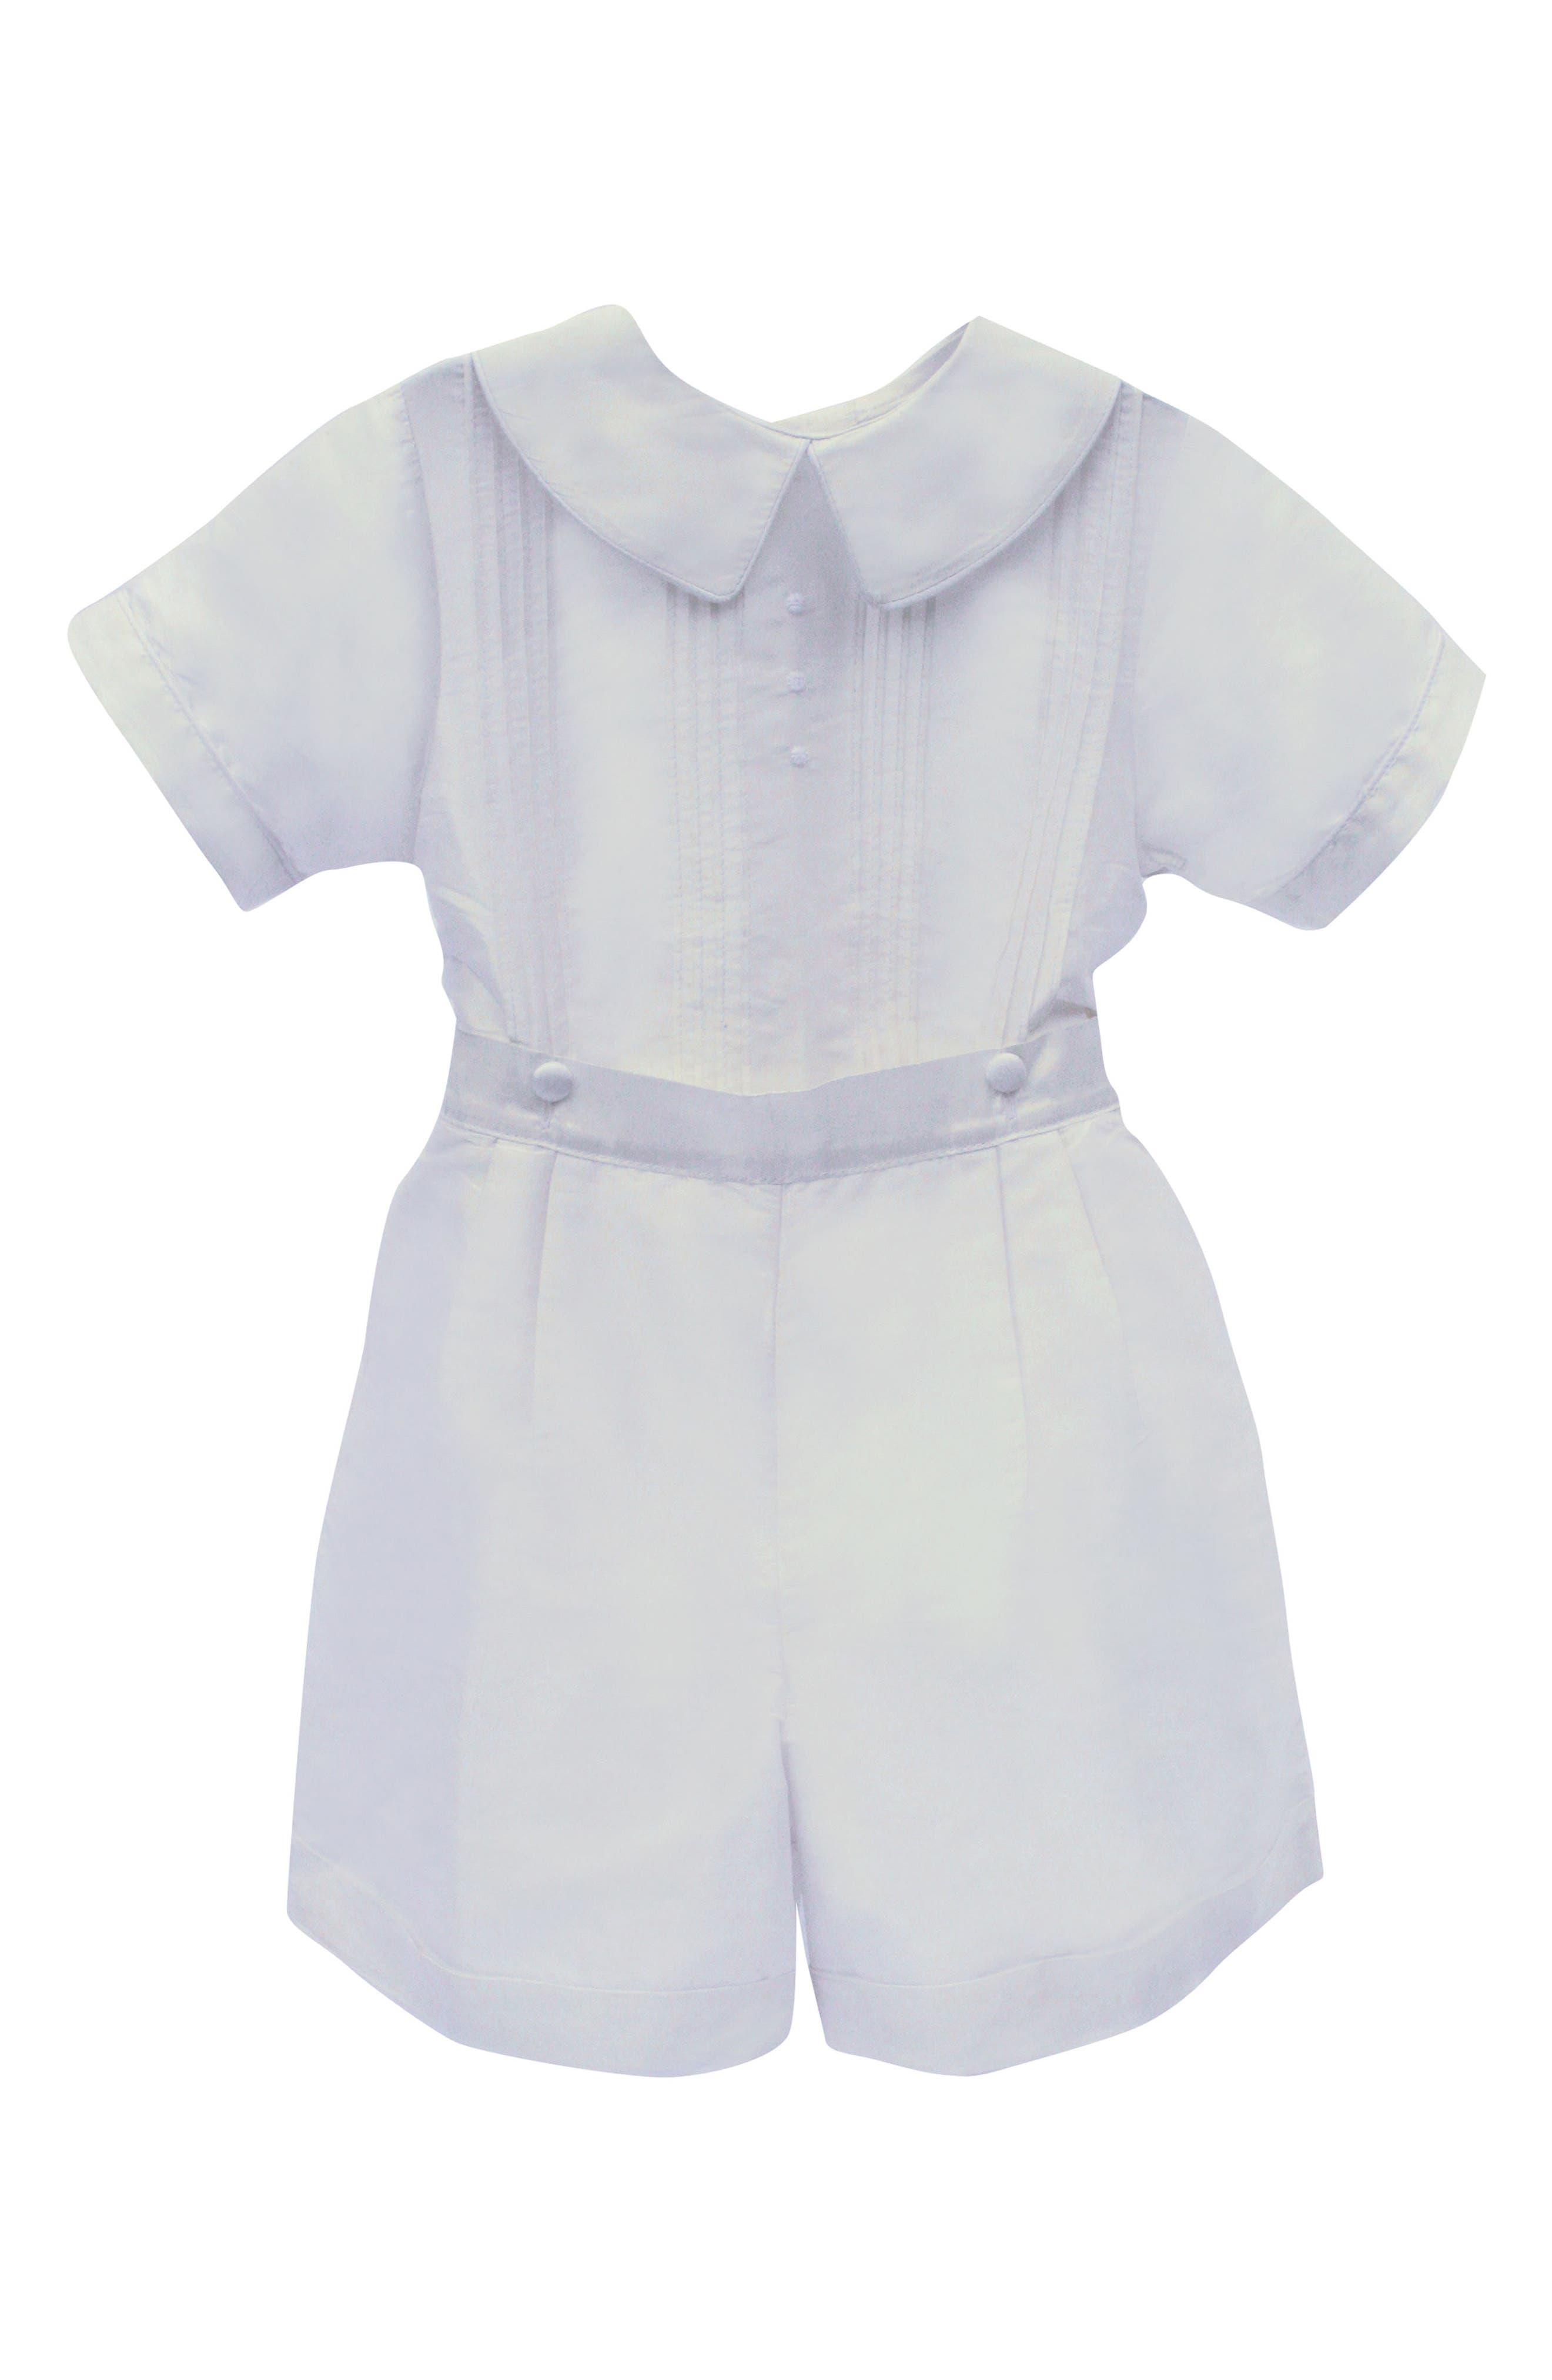 Main Image - Isabel Garreton Sebastian Shirt & Shorts (Toddler Boys)